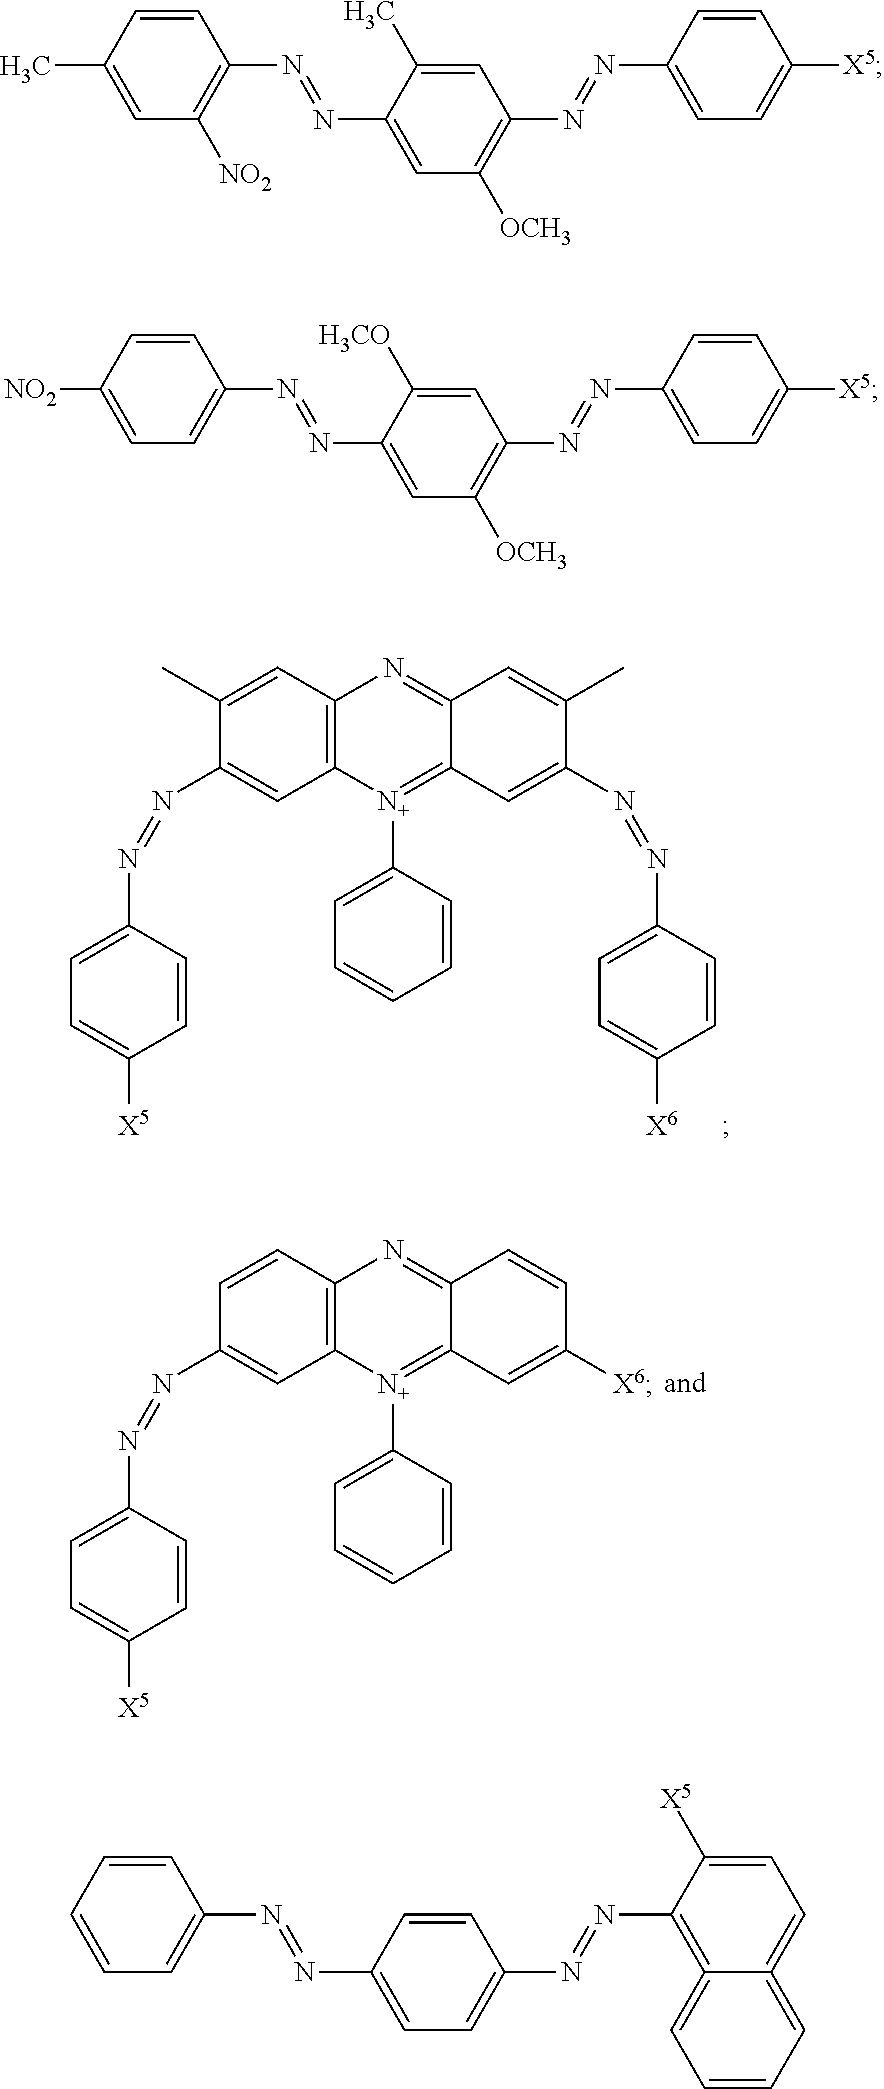 Figure US08410255-20130402-C00012